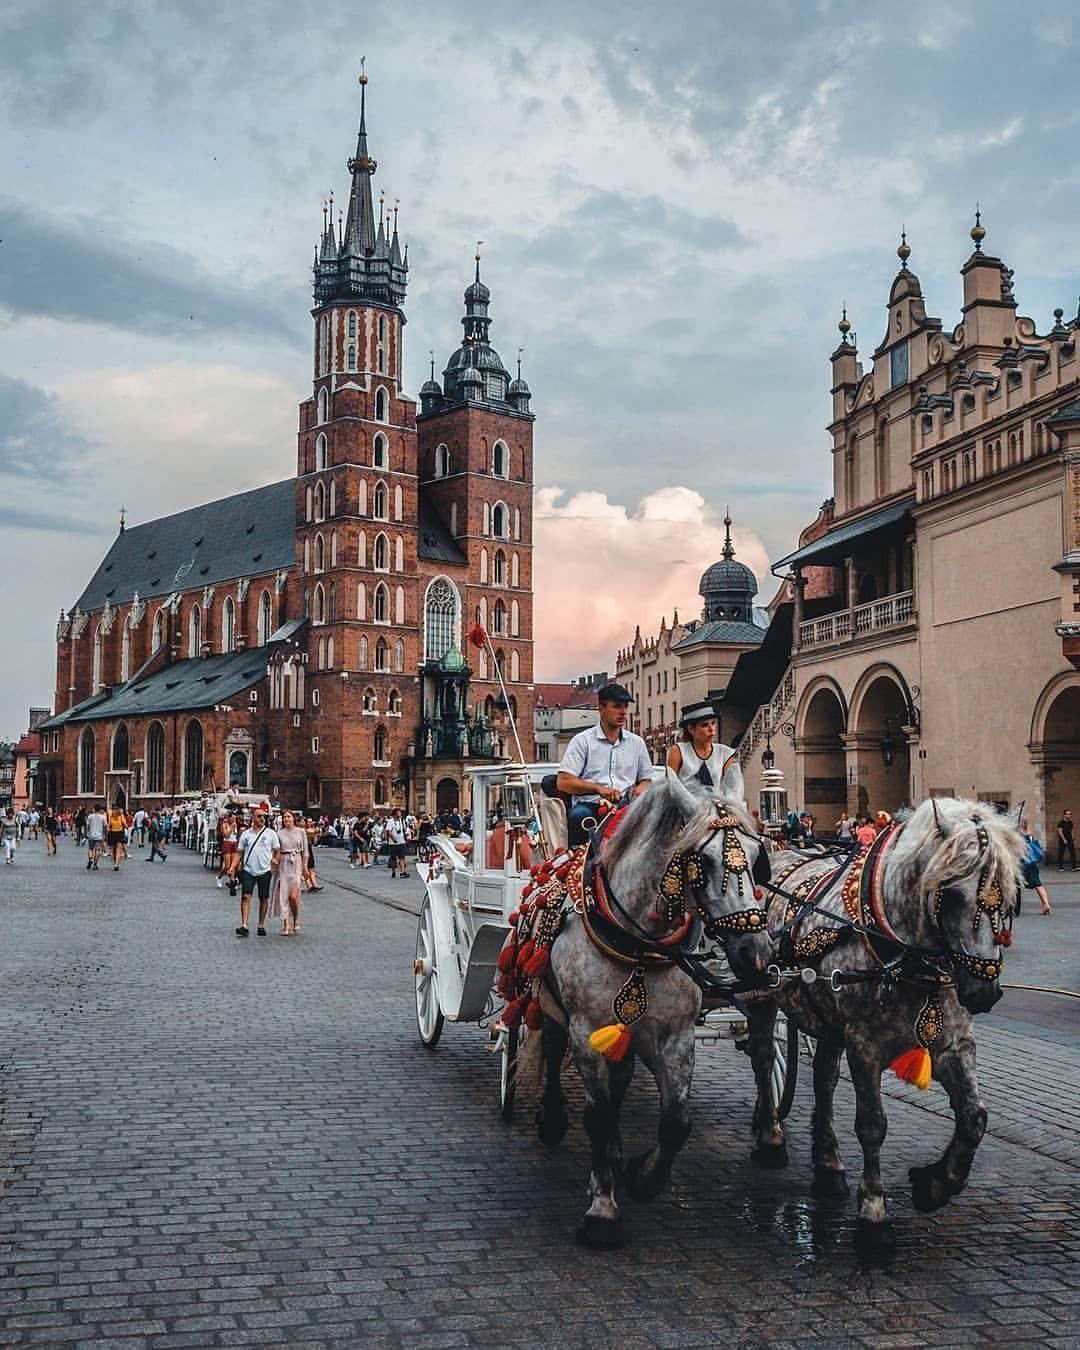 красоты польский туризм фото протяжении многих